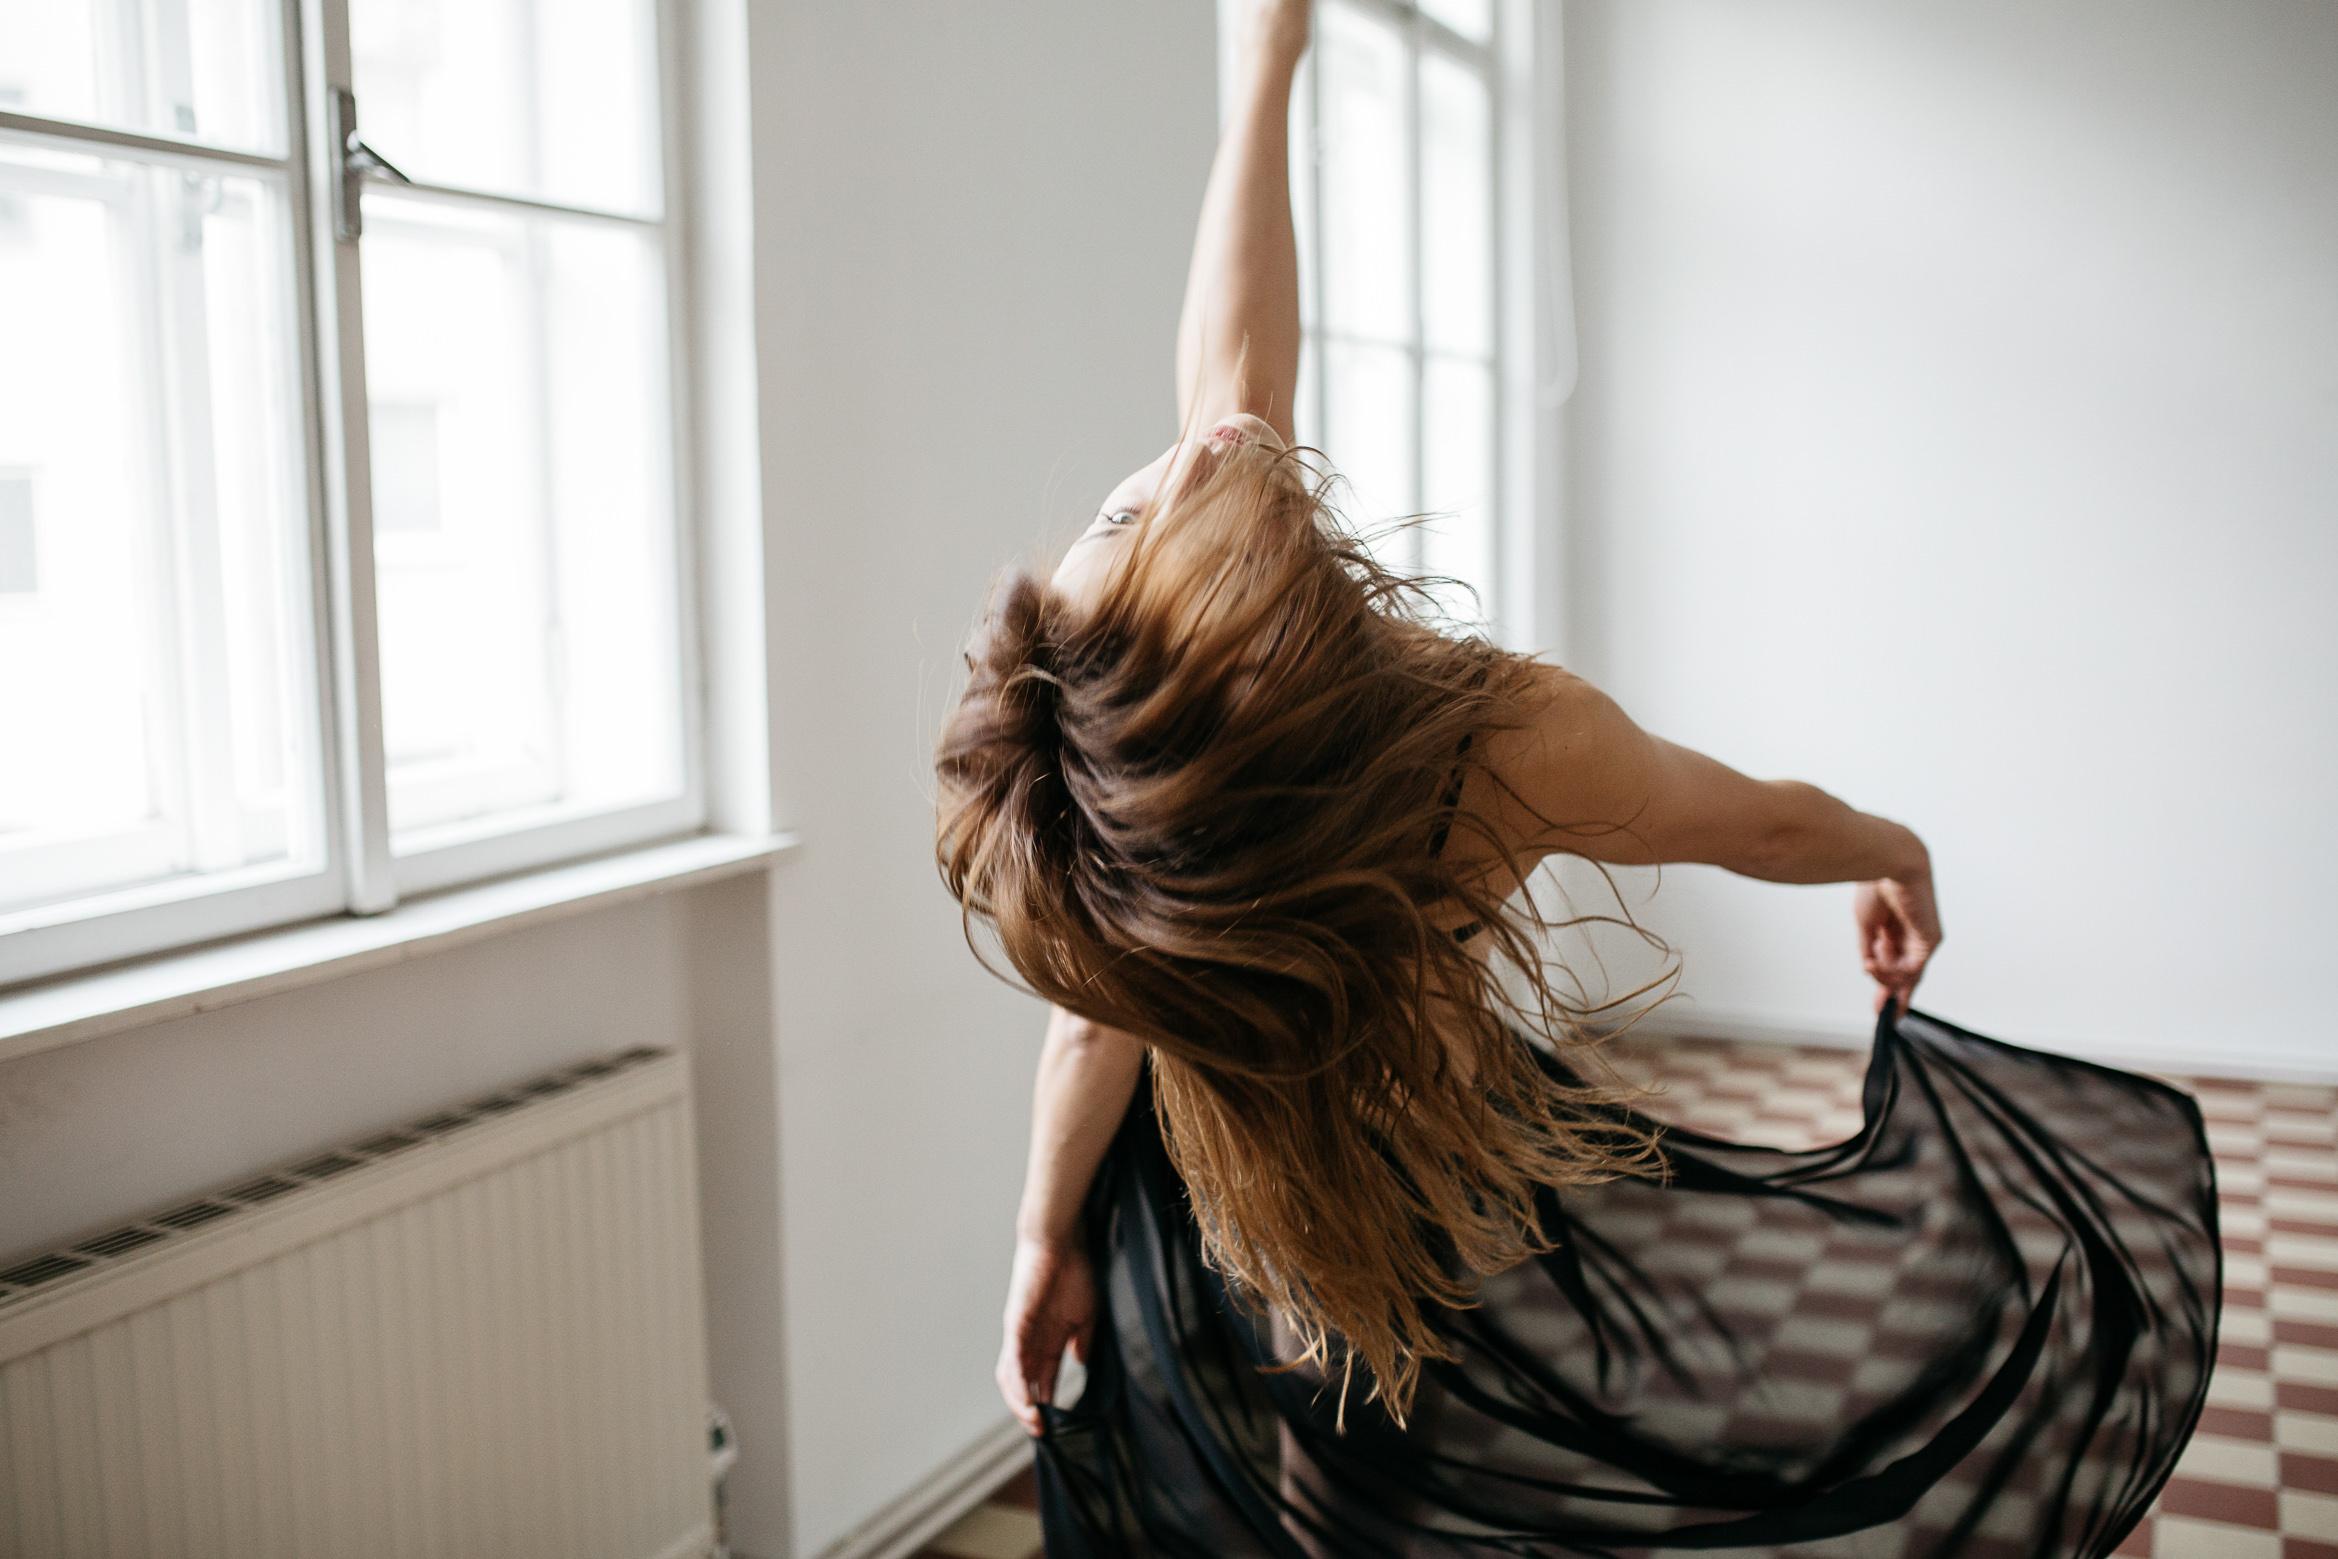 dancer artist portraits_künstlerporträt-06.jpg